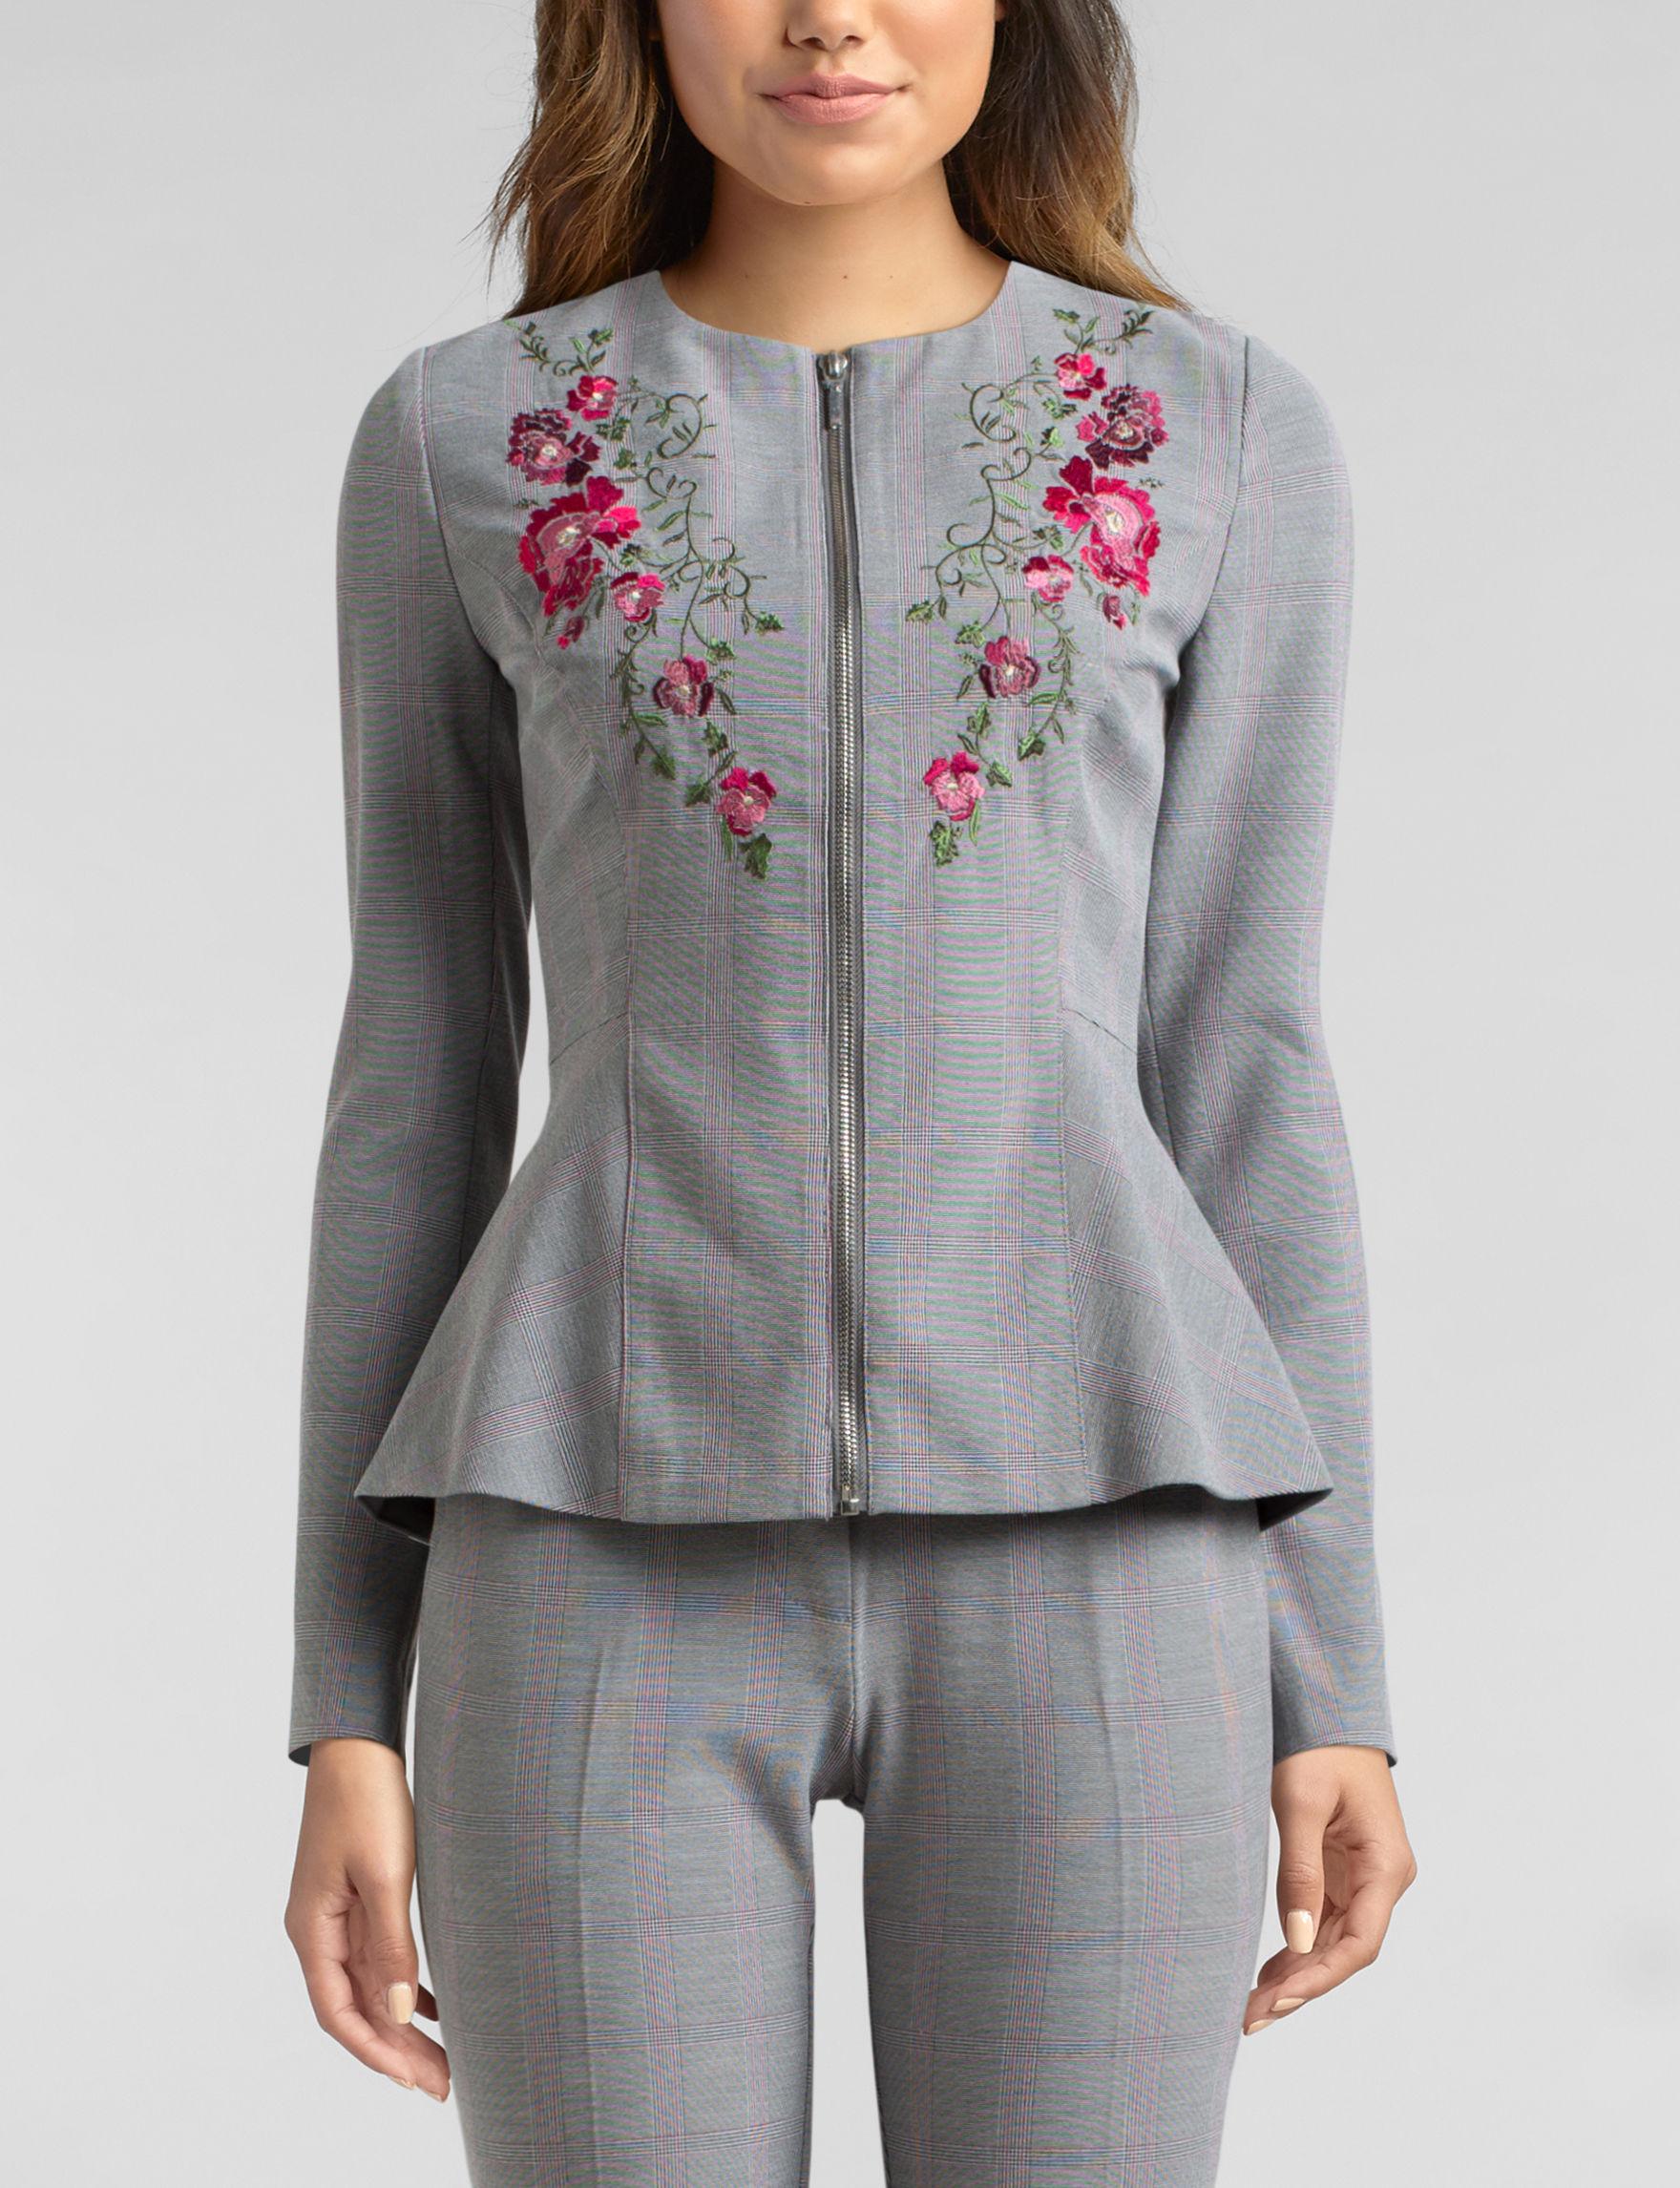 XOXO Grey Lightweight Jackets & Blazers